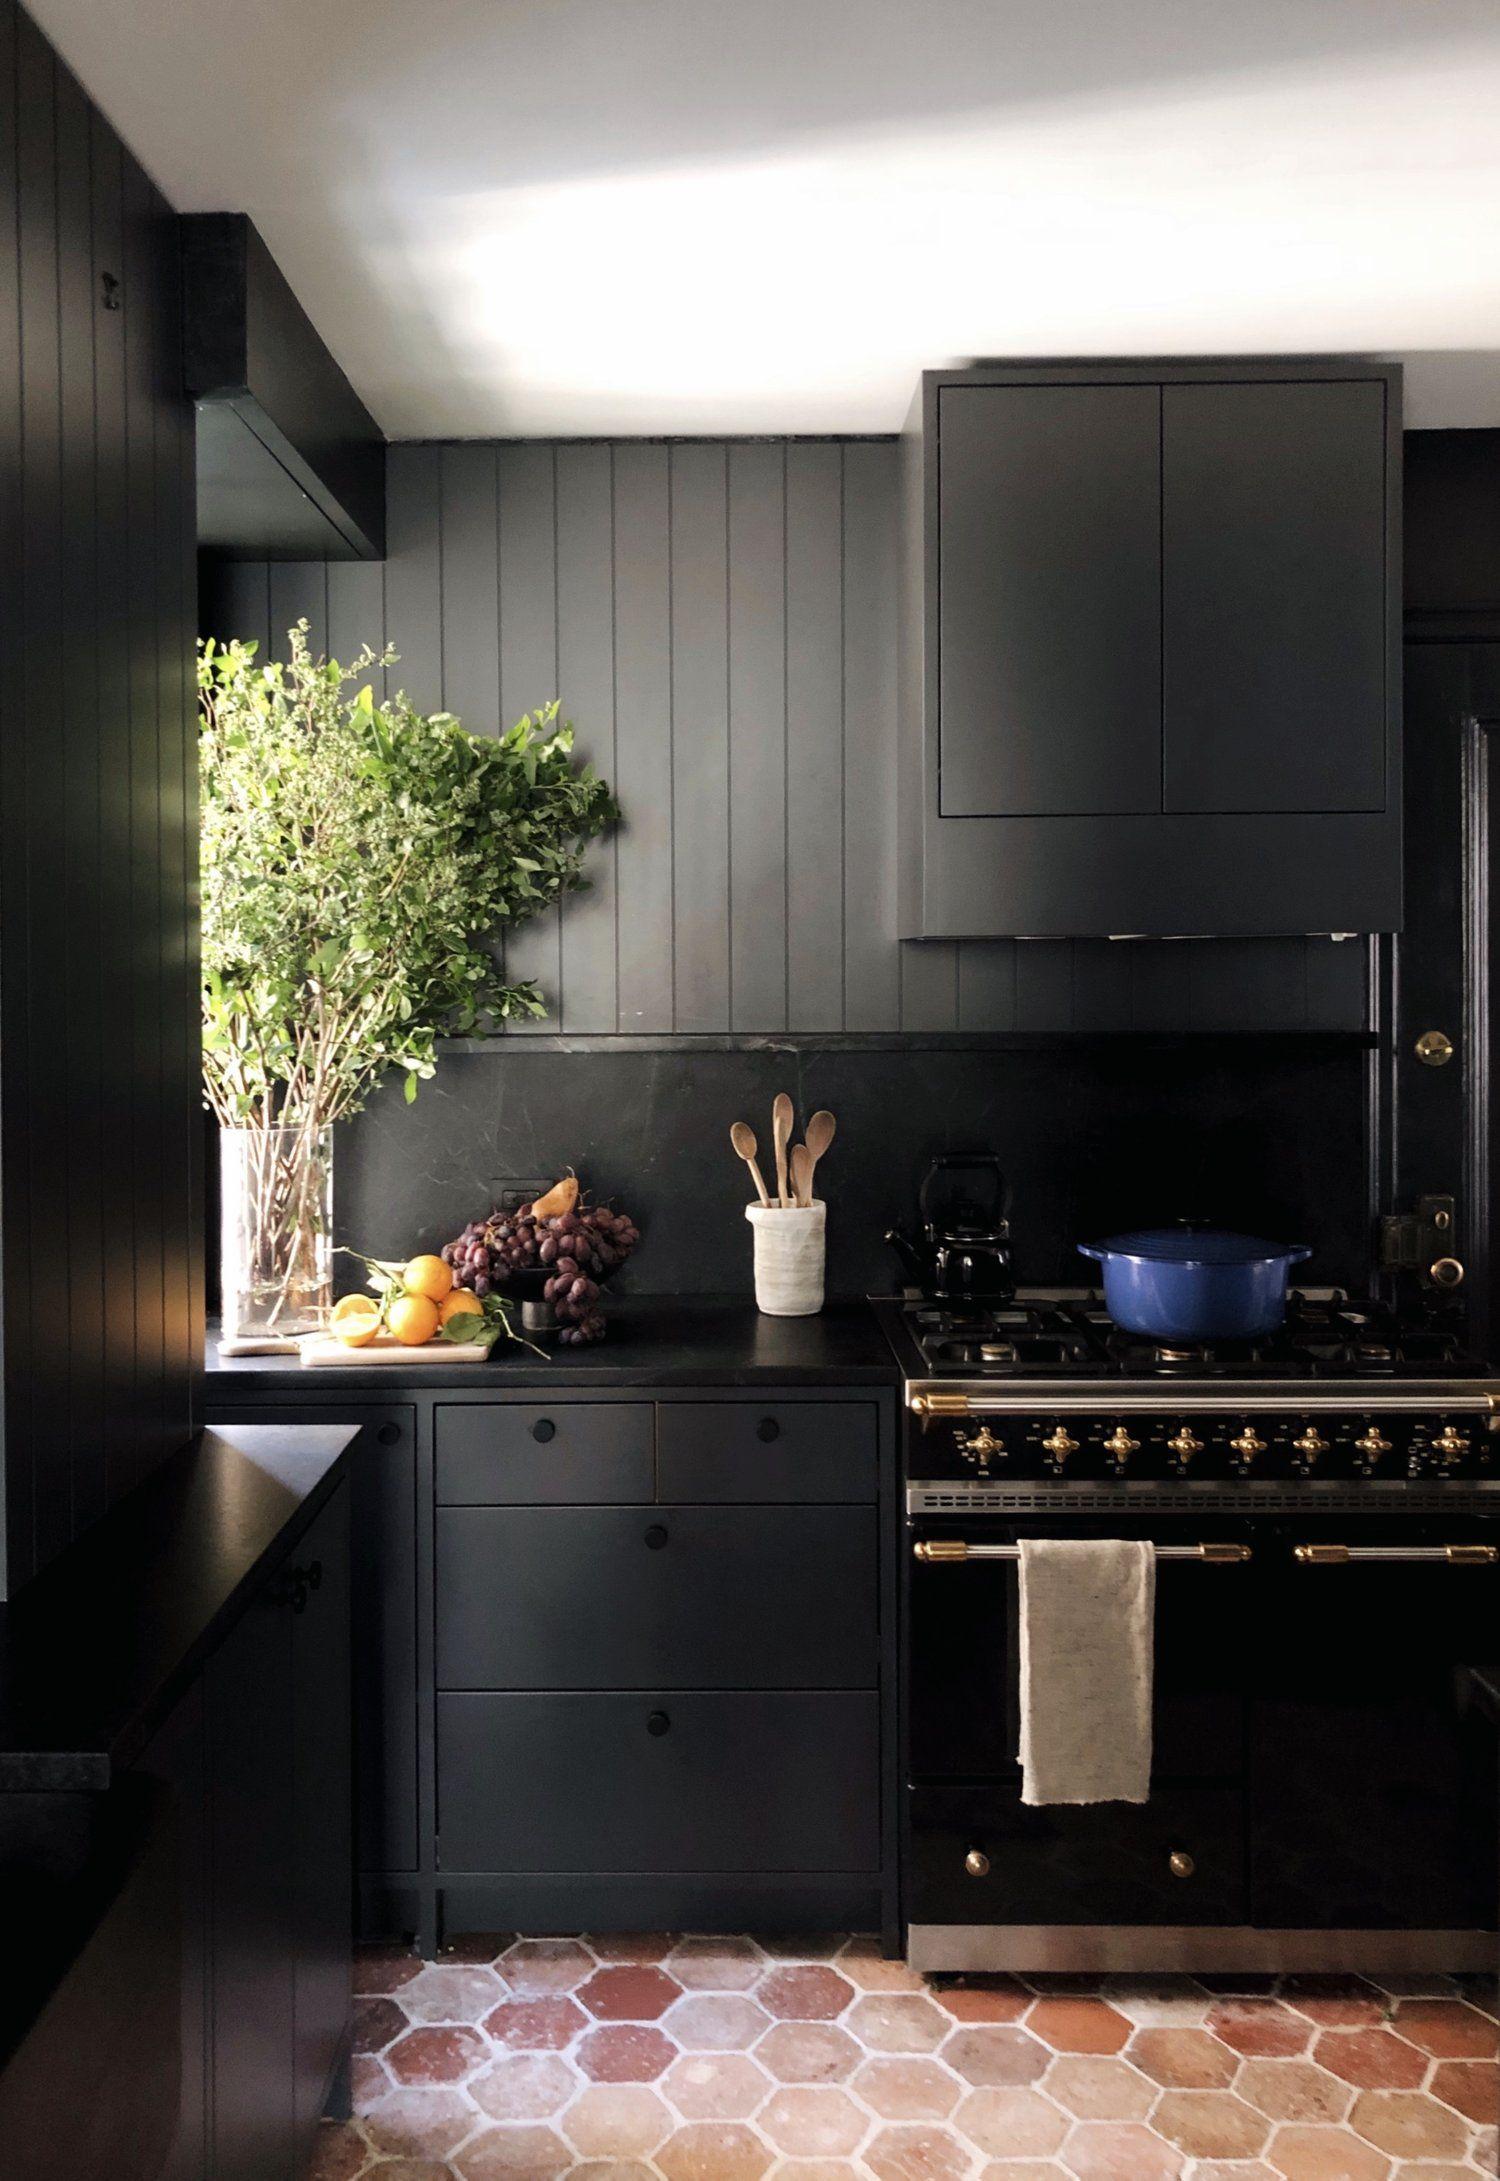 Colin King Interiors Dark Dramatic Kitchen Contemporary Kitchen Popular Kitchen Designs Black Kitchen Cabinets